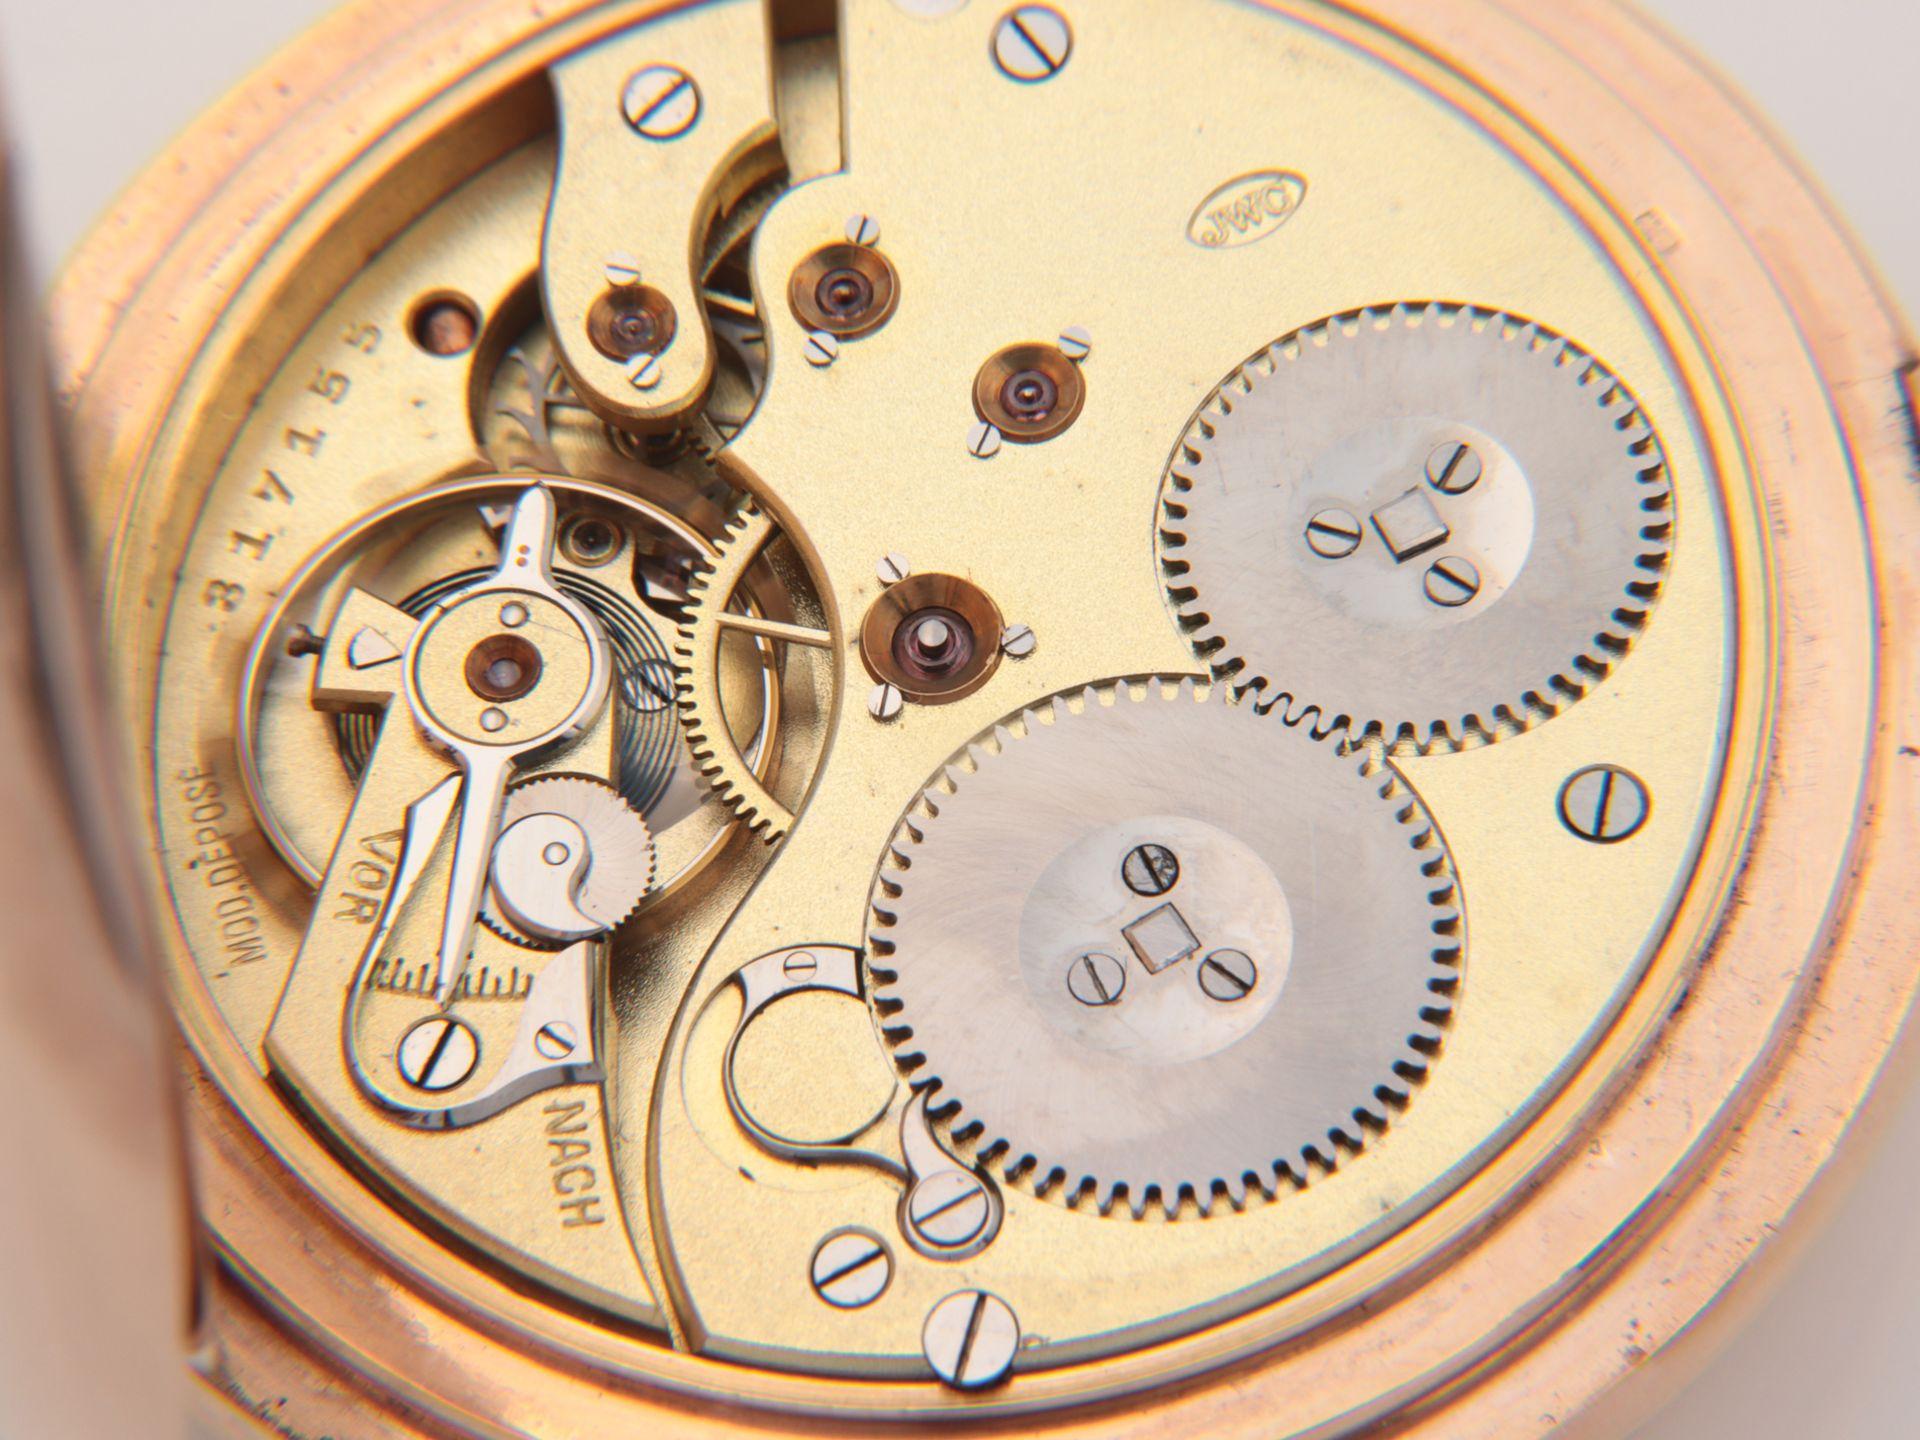 IWC – Herrentaschenuhr Gelbgold 585, 14Kt, Savonette, Dca.5cm, weißes Emailzifferbl - Image 4 of 22